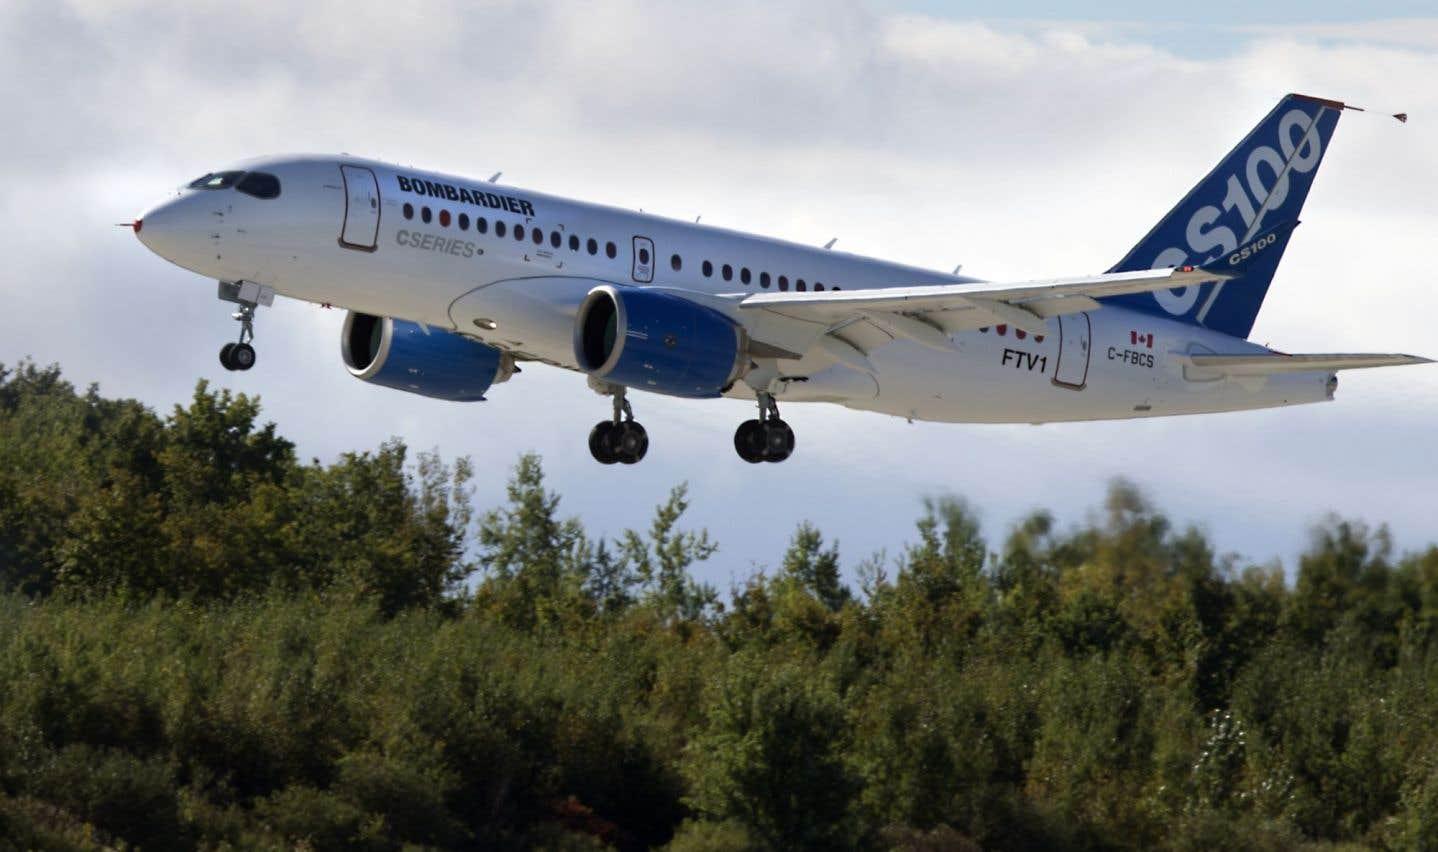 Des transporteurs américains se rangent derrière Bombardier